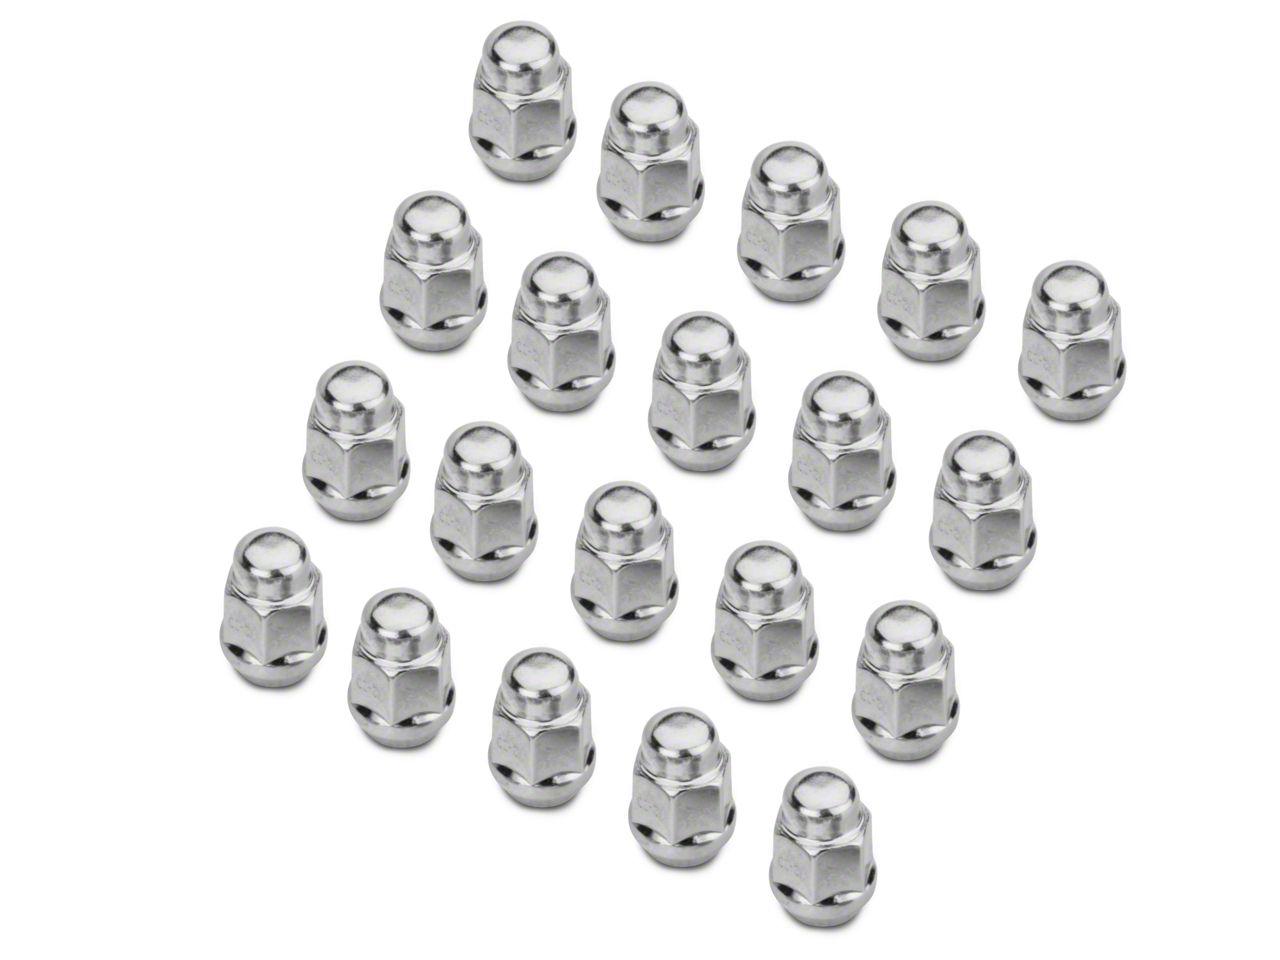 Add Set of 20 Lug Nuts